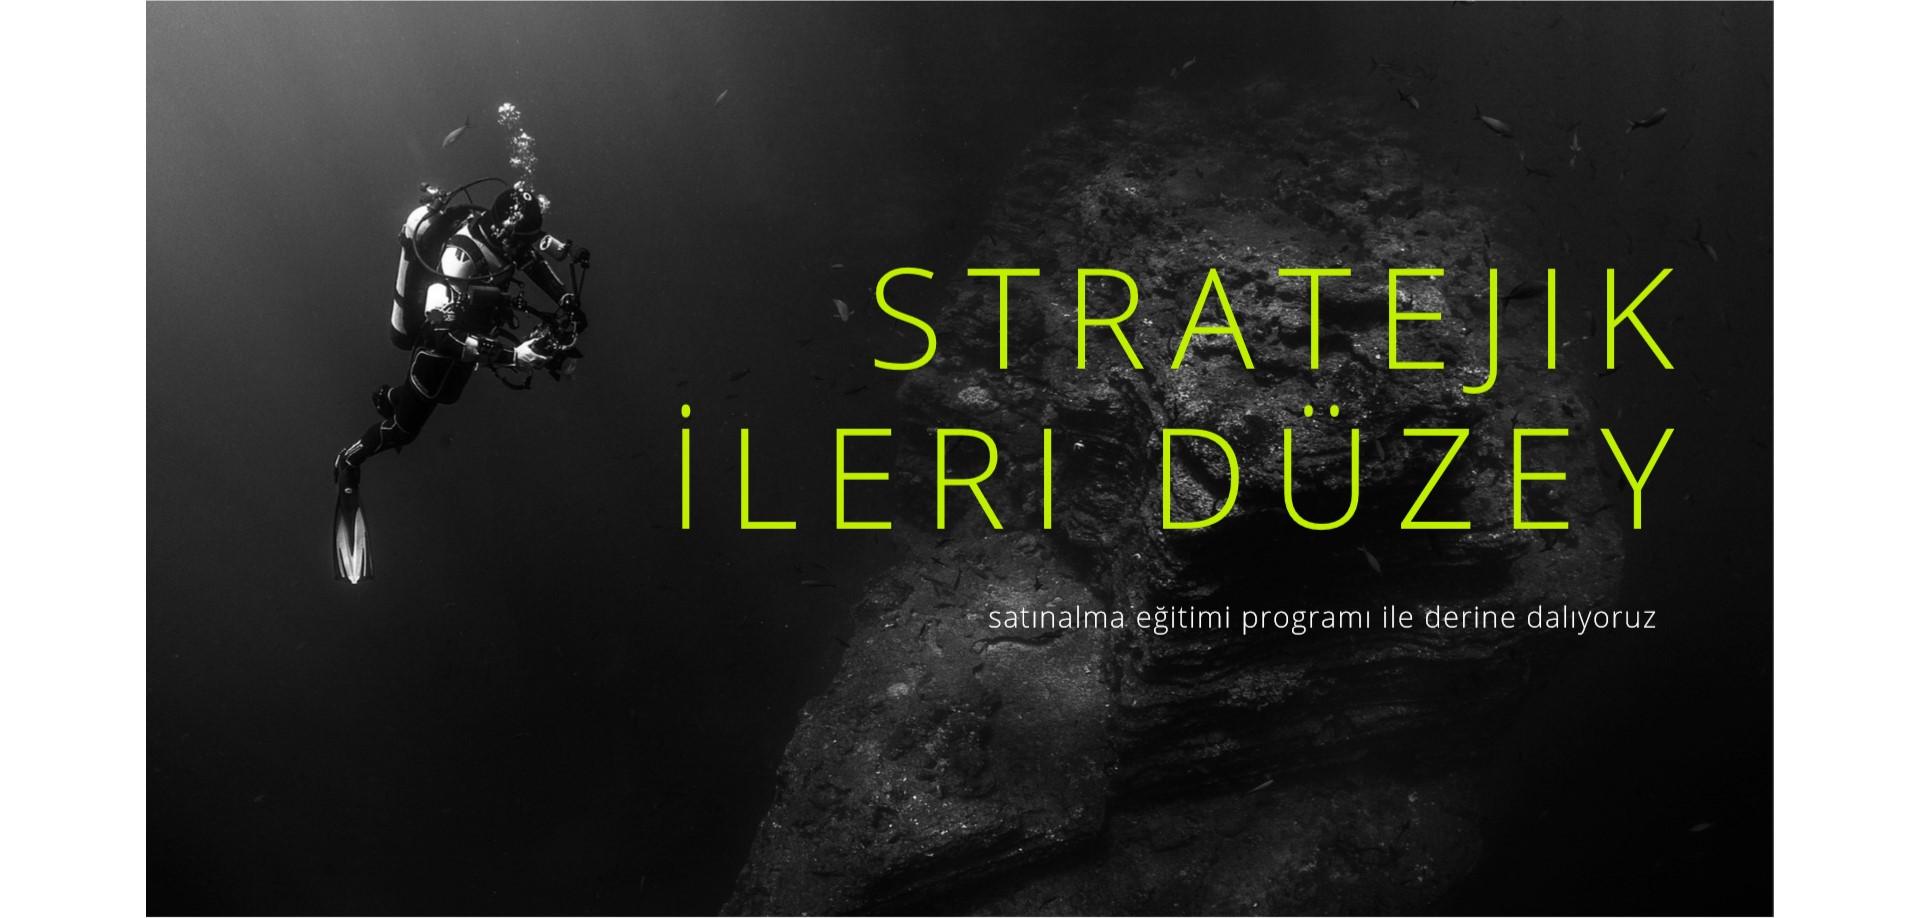 Stratejik ve İleri Düzey Satınalma Eğitim Programı